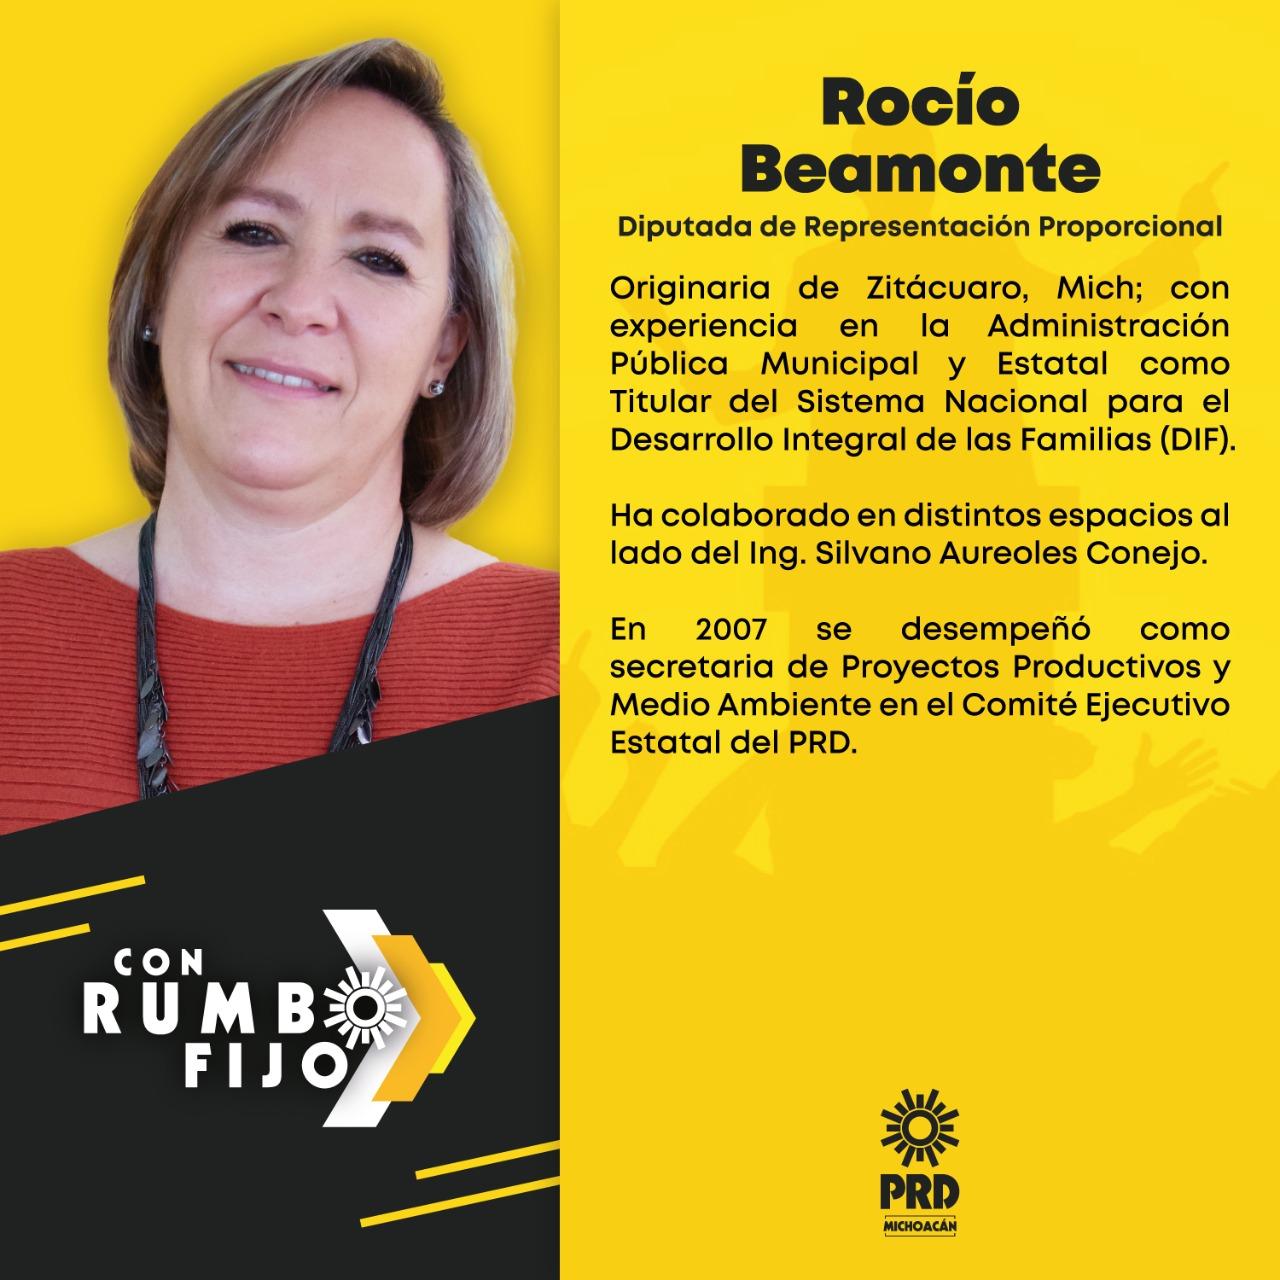 Rocío Beamonte, Diputada de representación proporcional